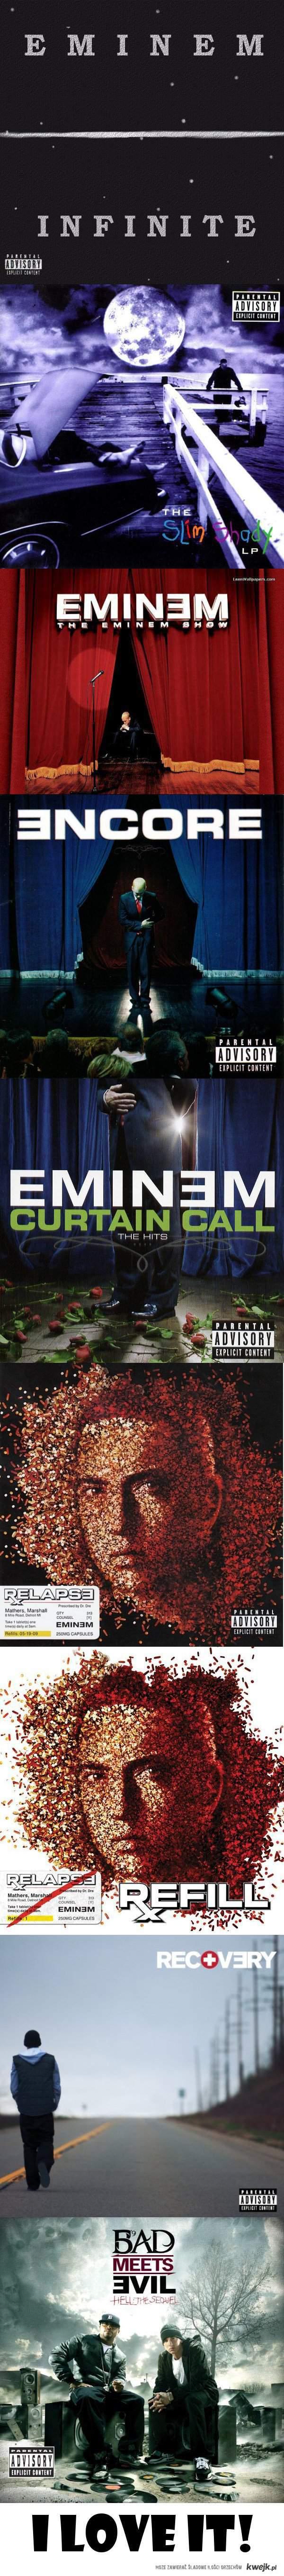 Eminem CD's